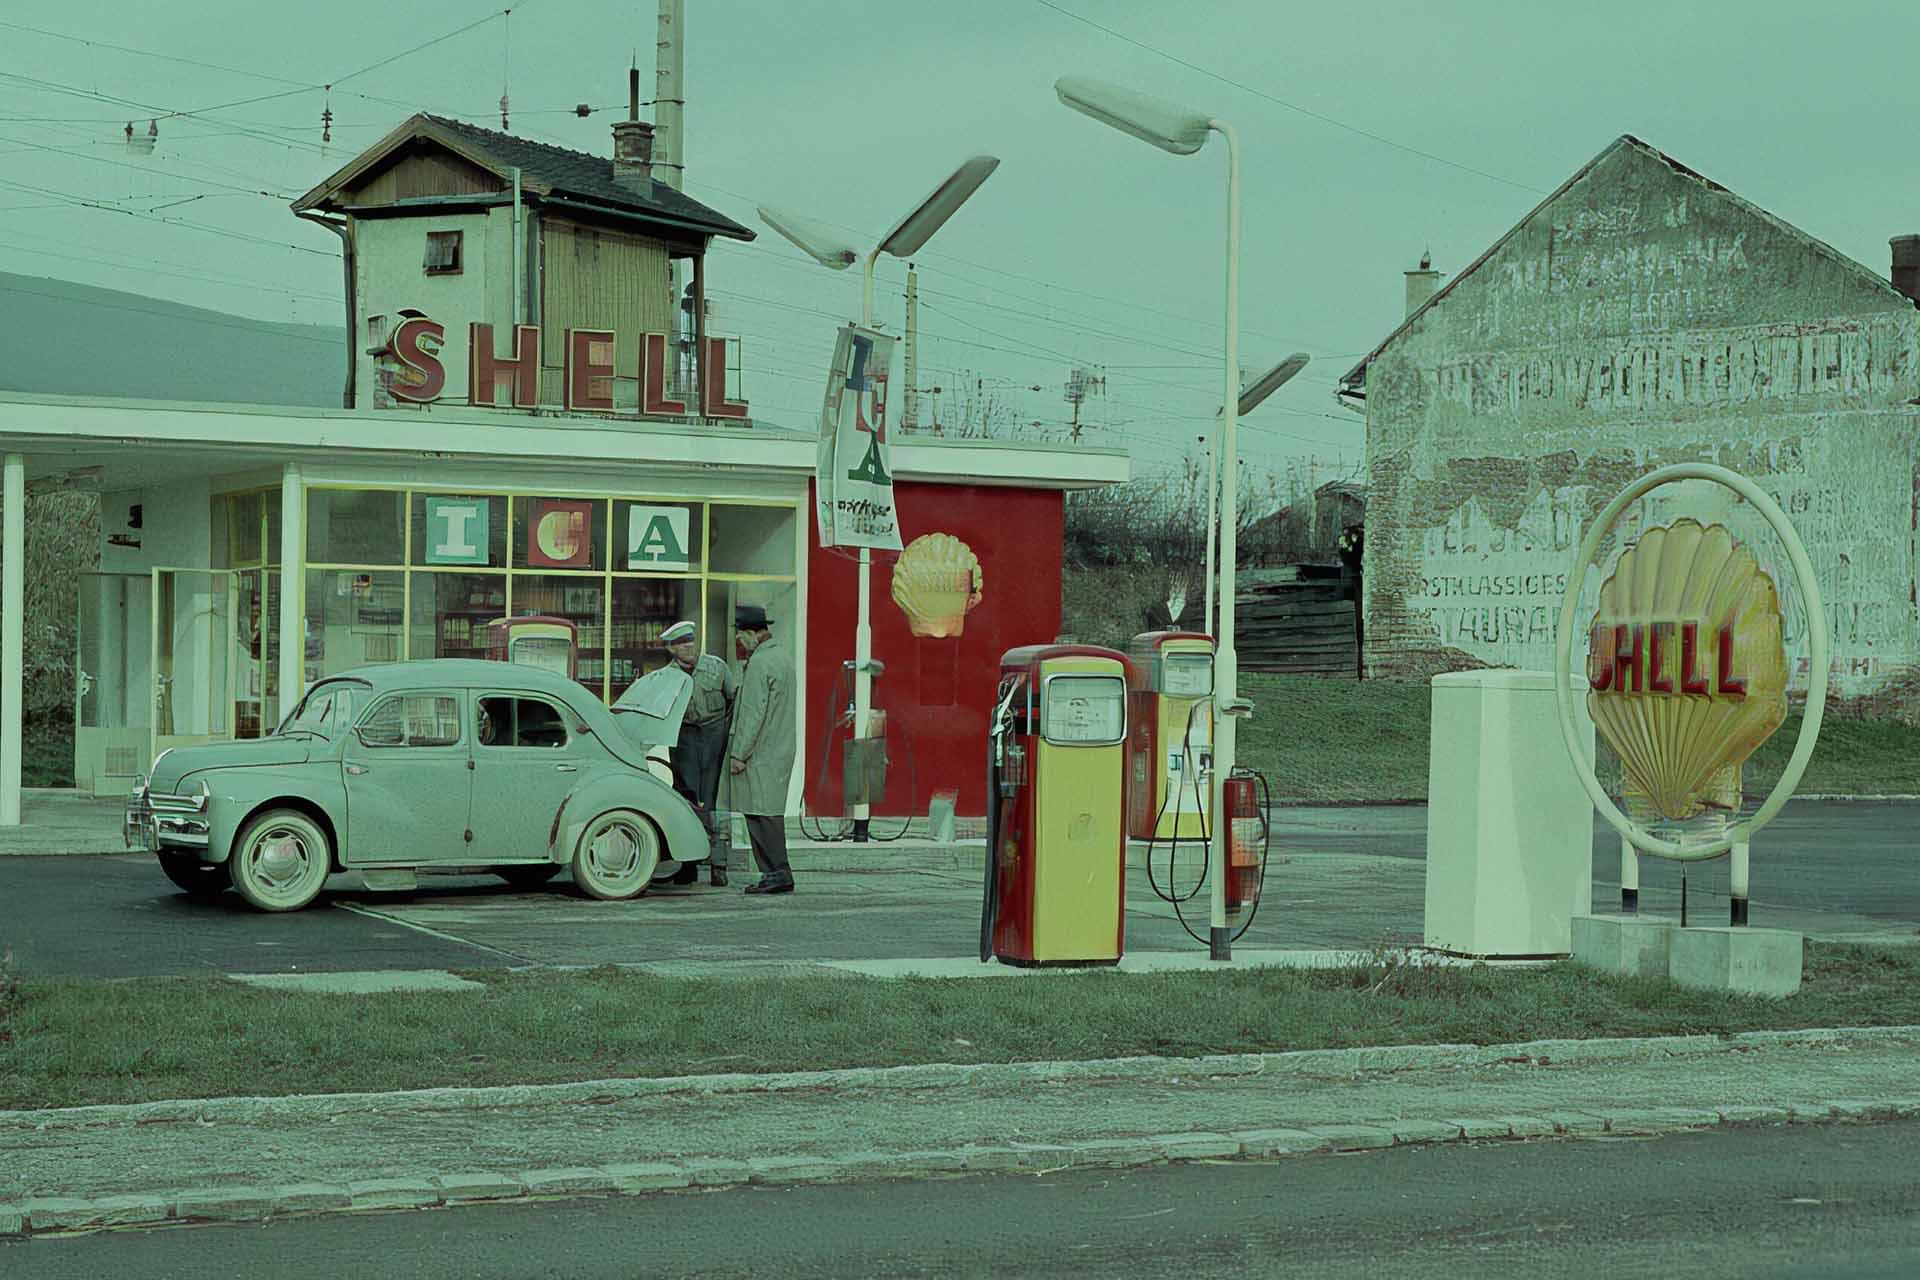 Historische Tankstelle zum Befüllen von Autos mit Sprit. Heute undenkbar unkompliziert und unaufdringlich